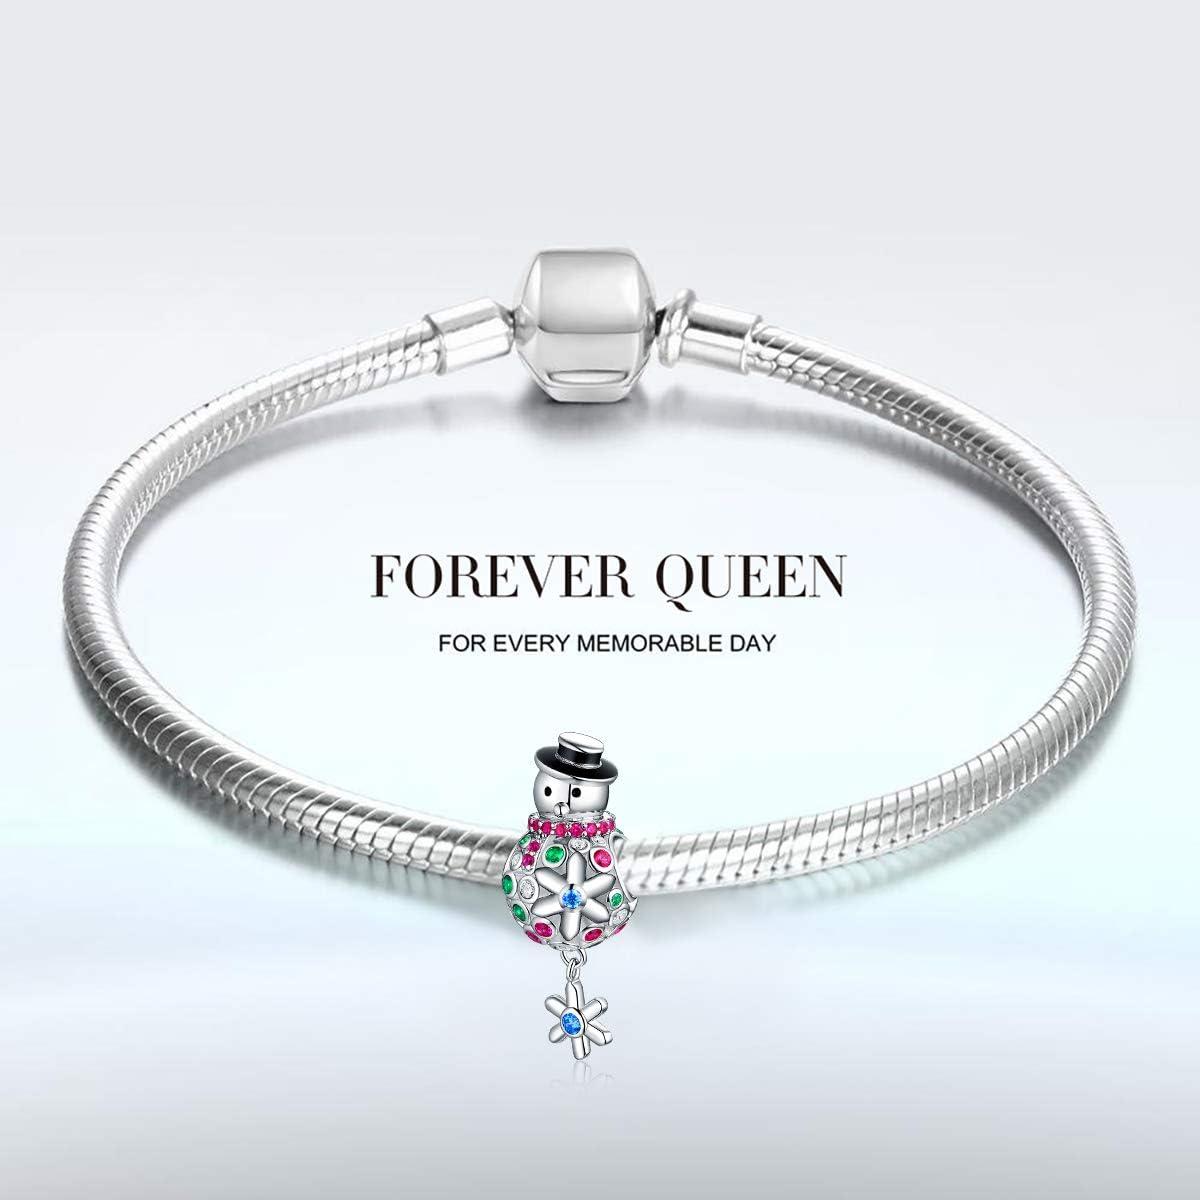 FOREVER QUEEN de No/ël Bonhomme de neige Charm pour bracelet Charm en argent sterling 925 Perles pour cha/îne serpent Pendentif pour collier Fq0042